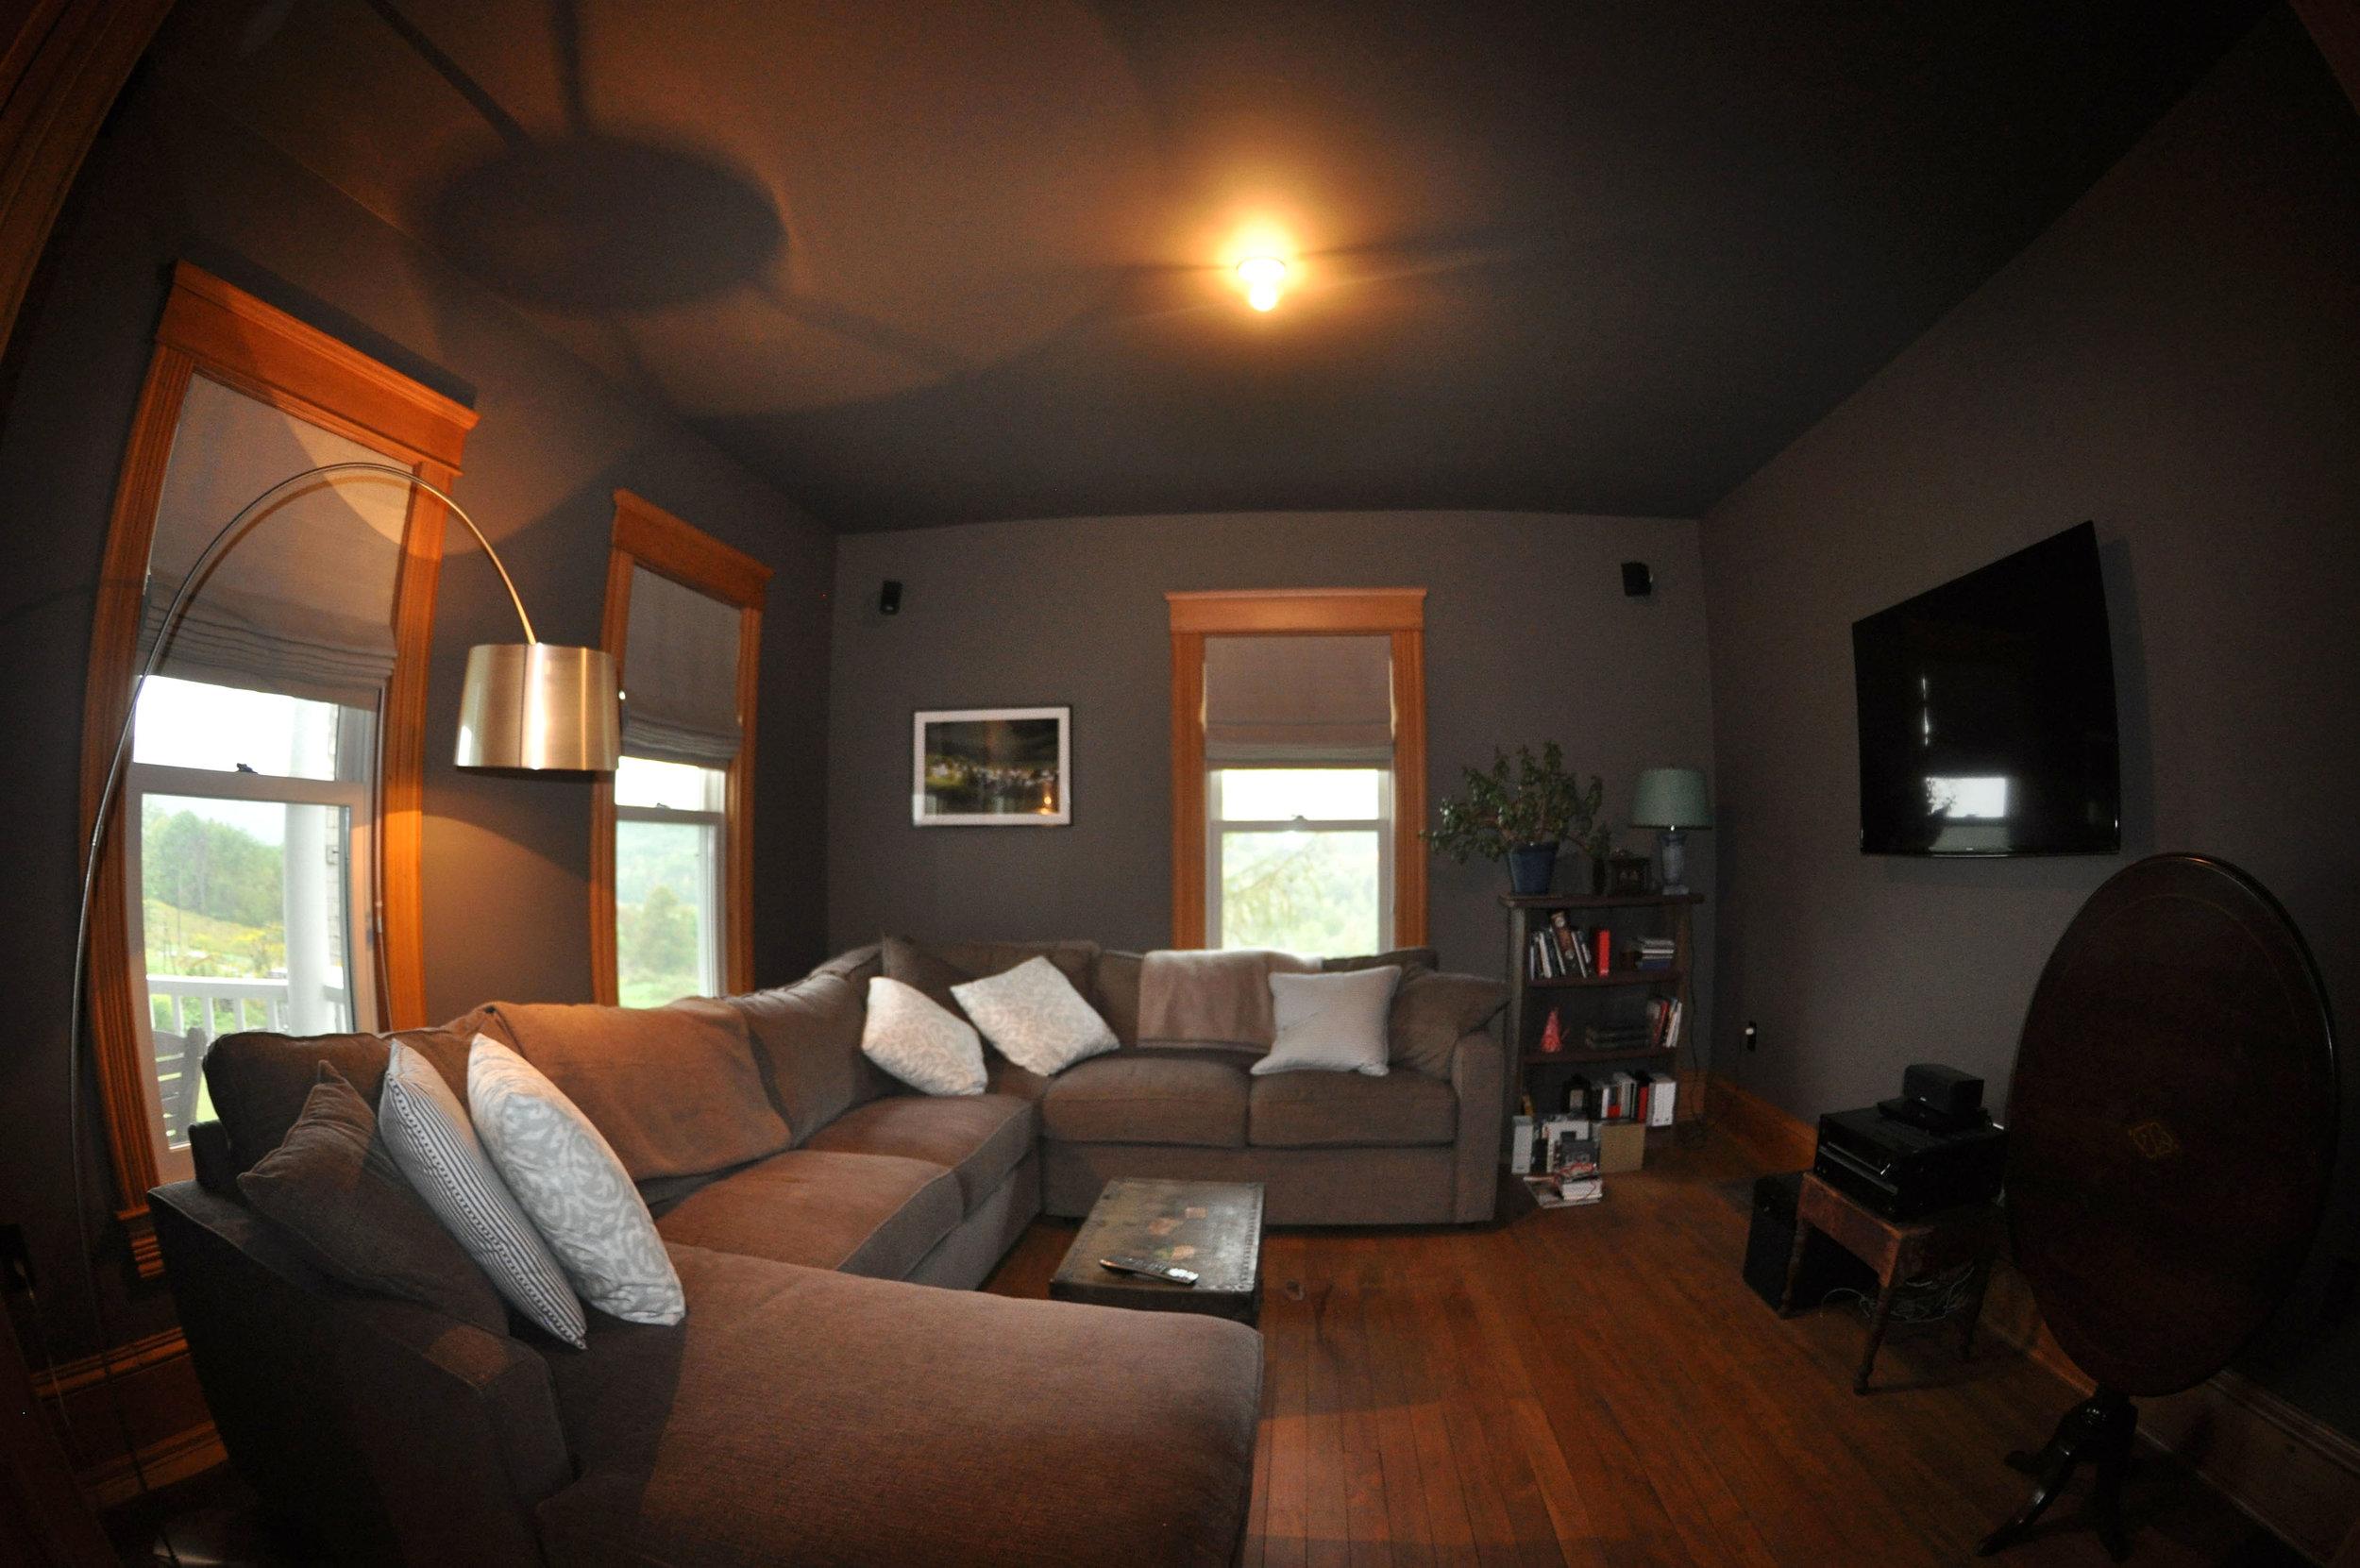 modernized rural farmhouse, residential renovation, open plan, new interior finishes, living room, den, media room